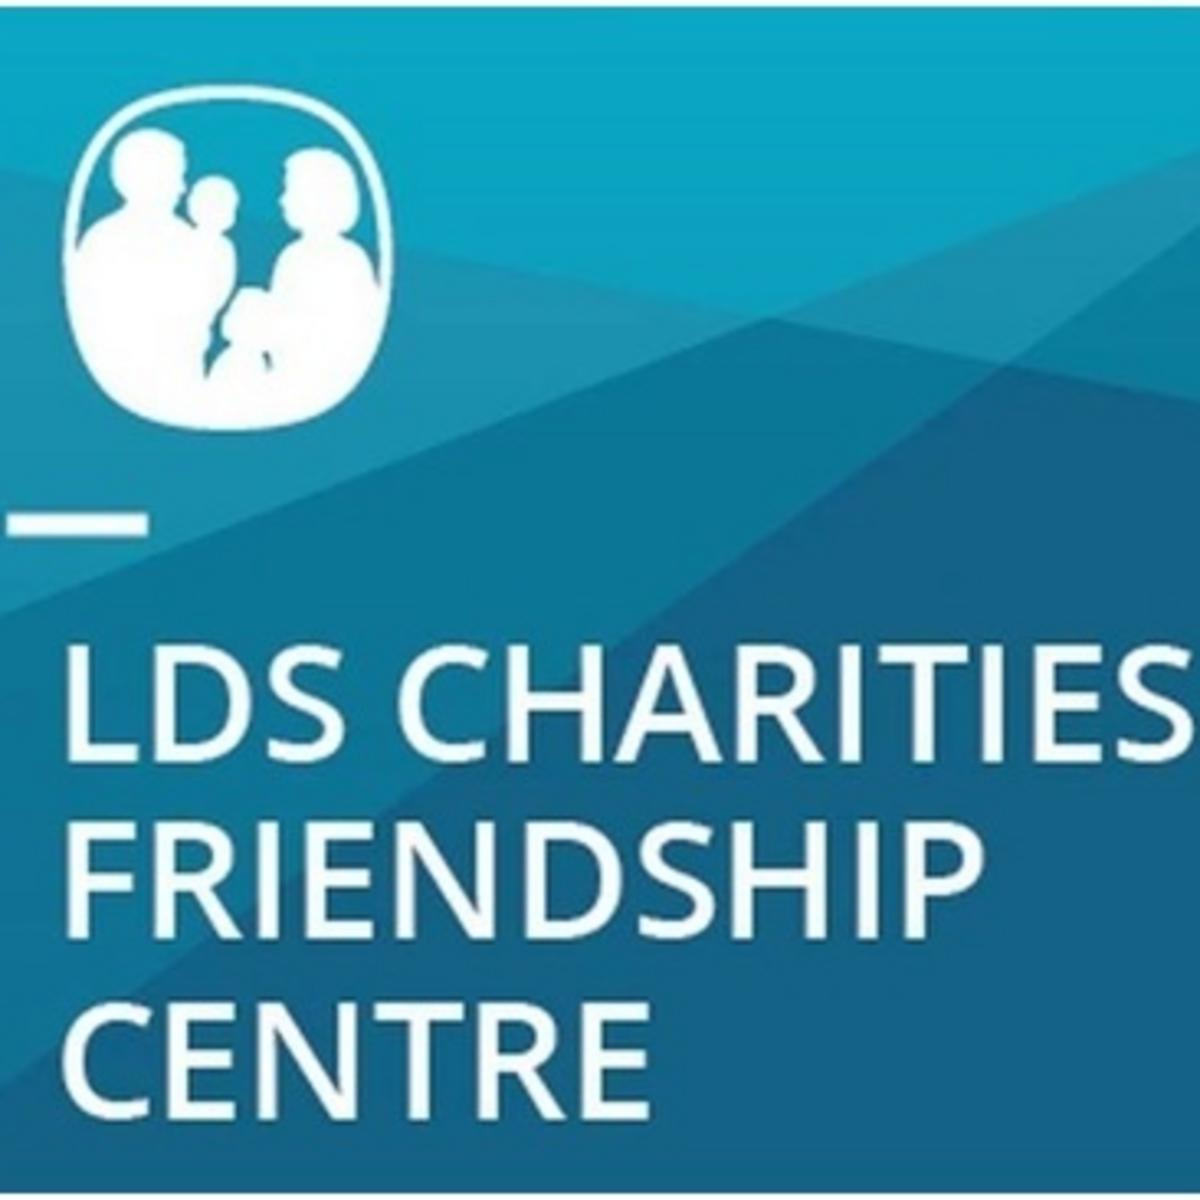 LDS CHARITIES FRIENDSHIP logo LDS CHARITIES FRIENDSHIP CENTRE